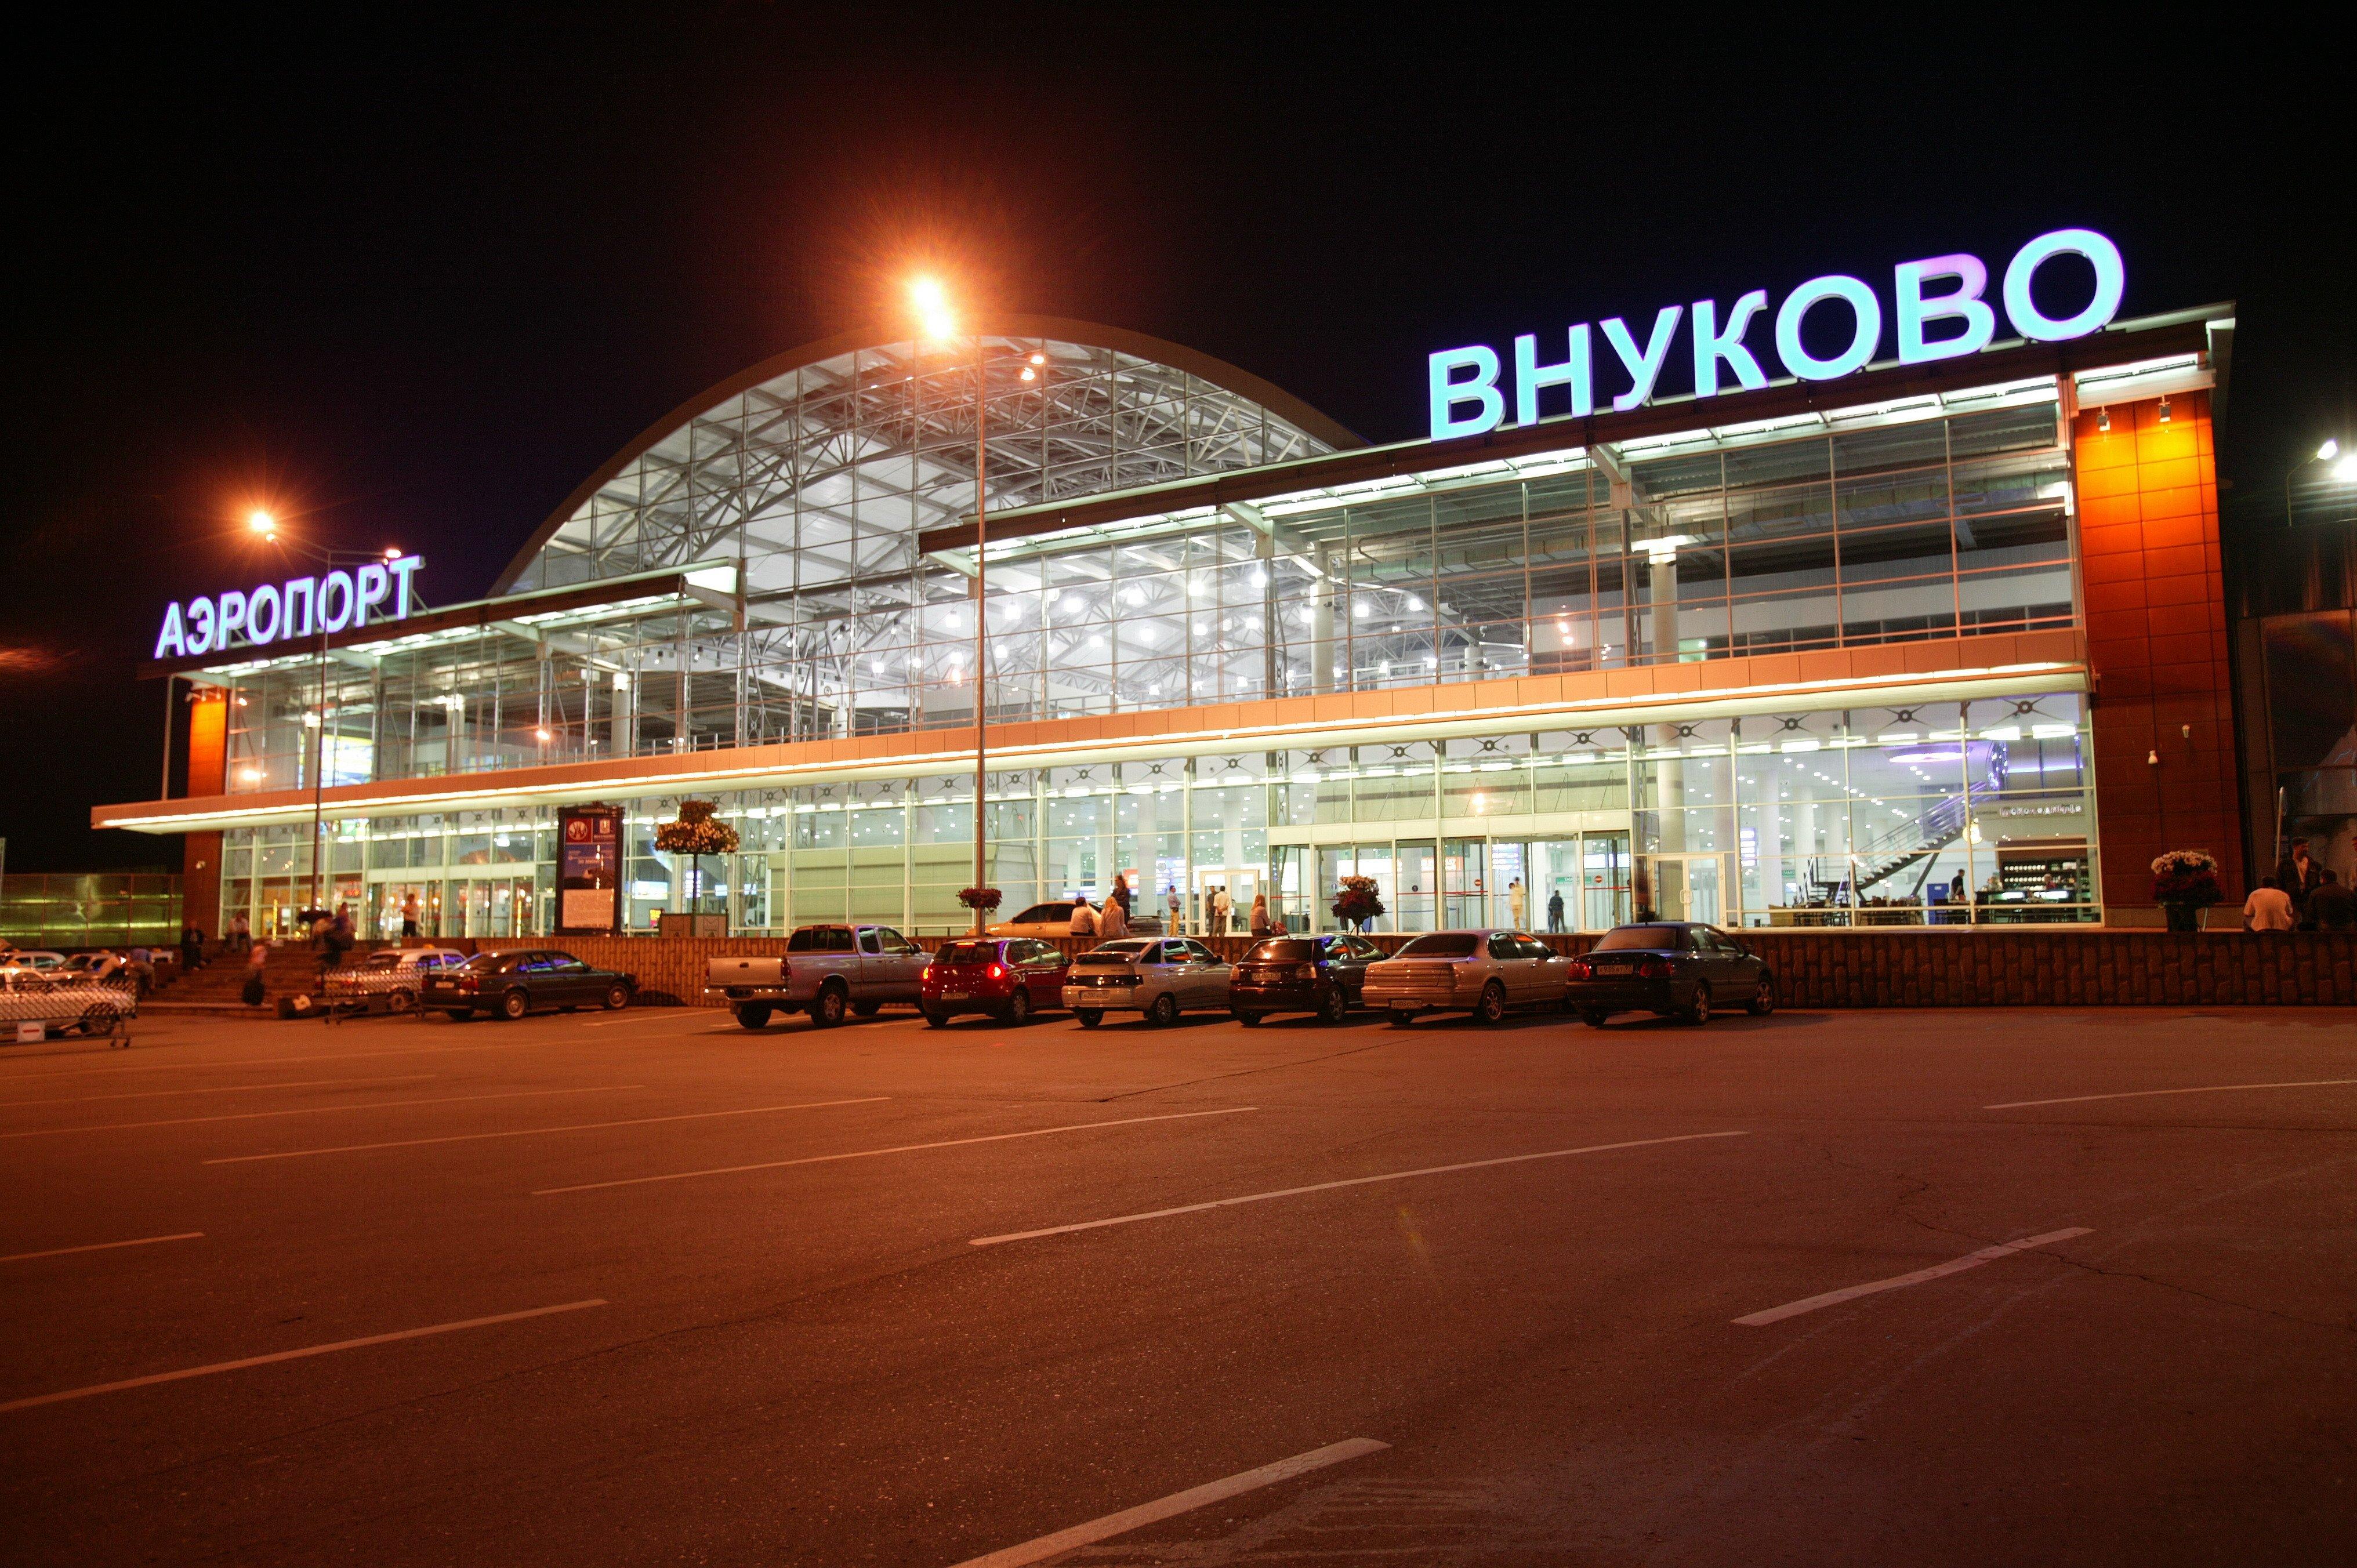 Аэропорт внуково в москве